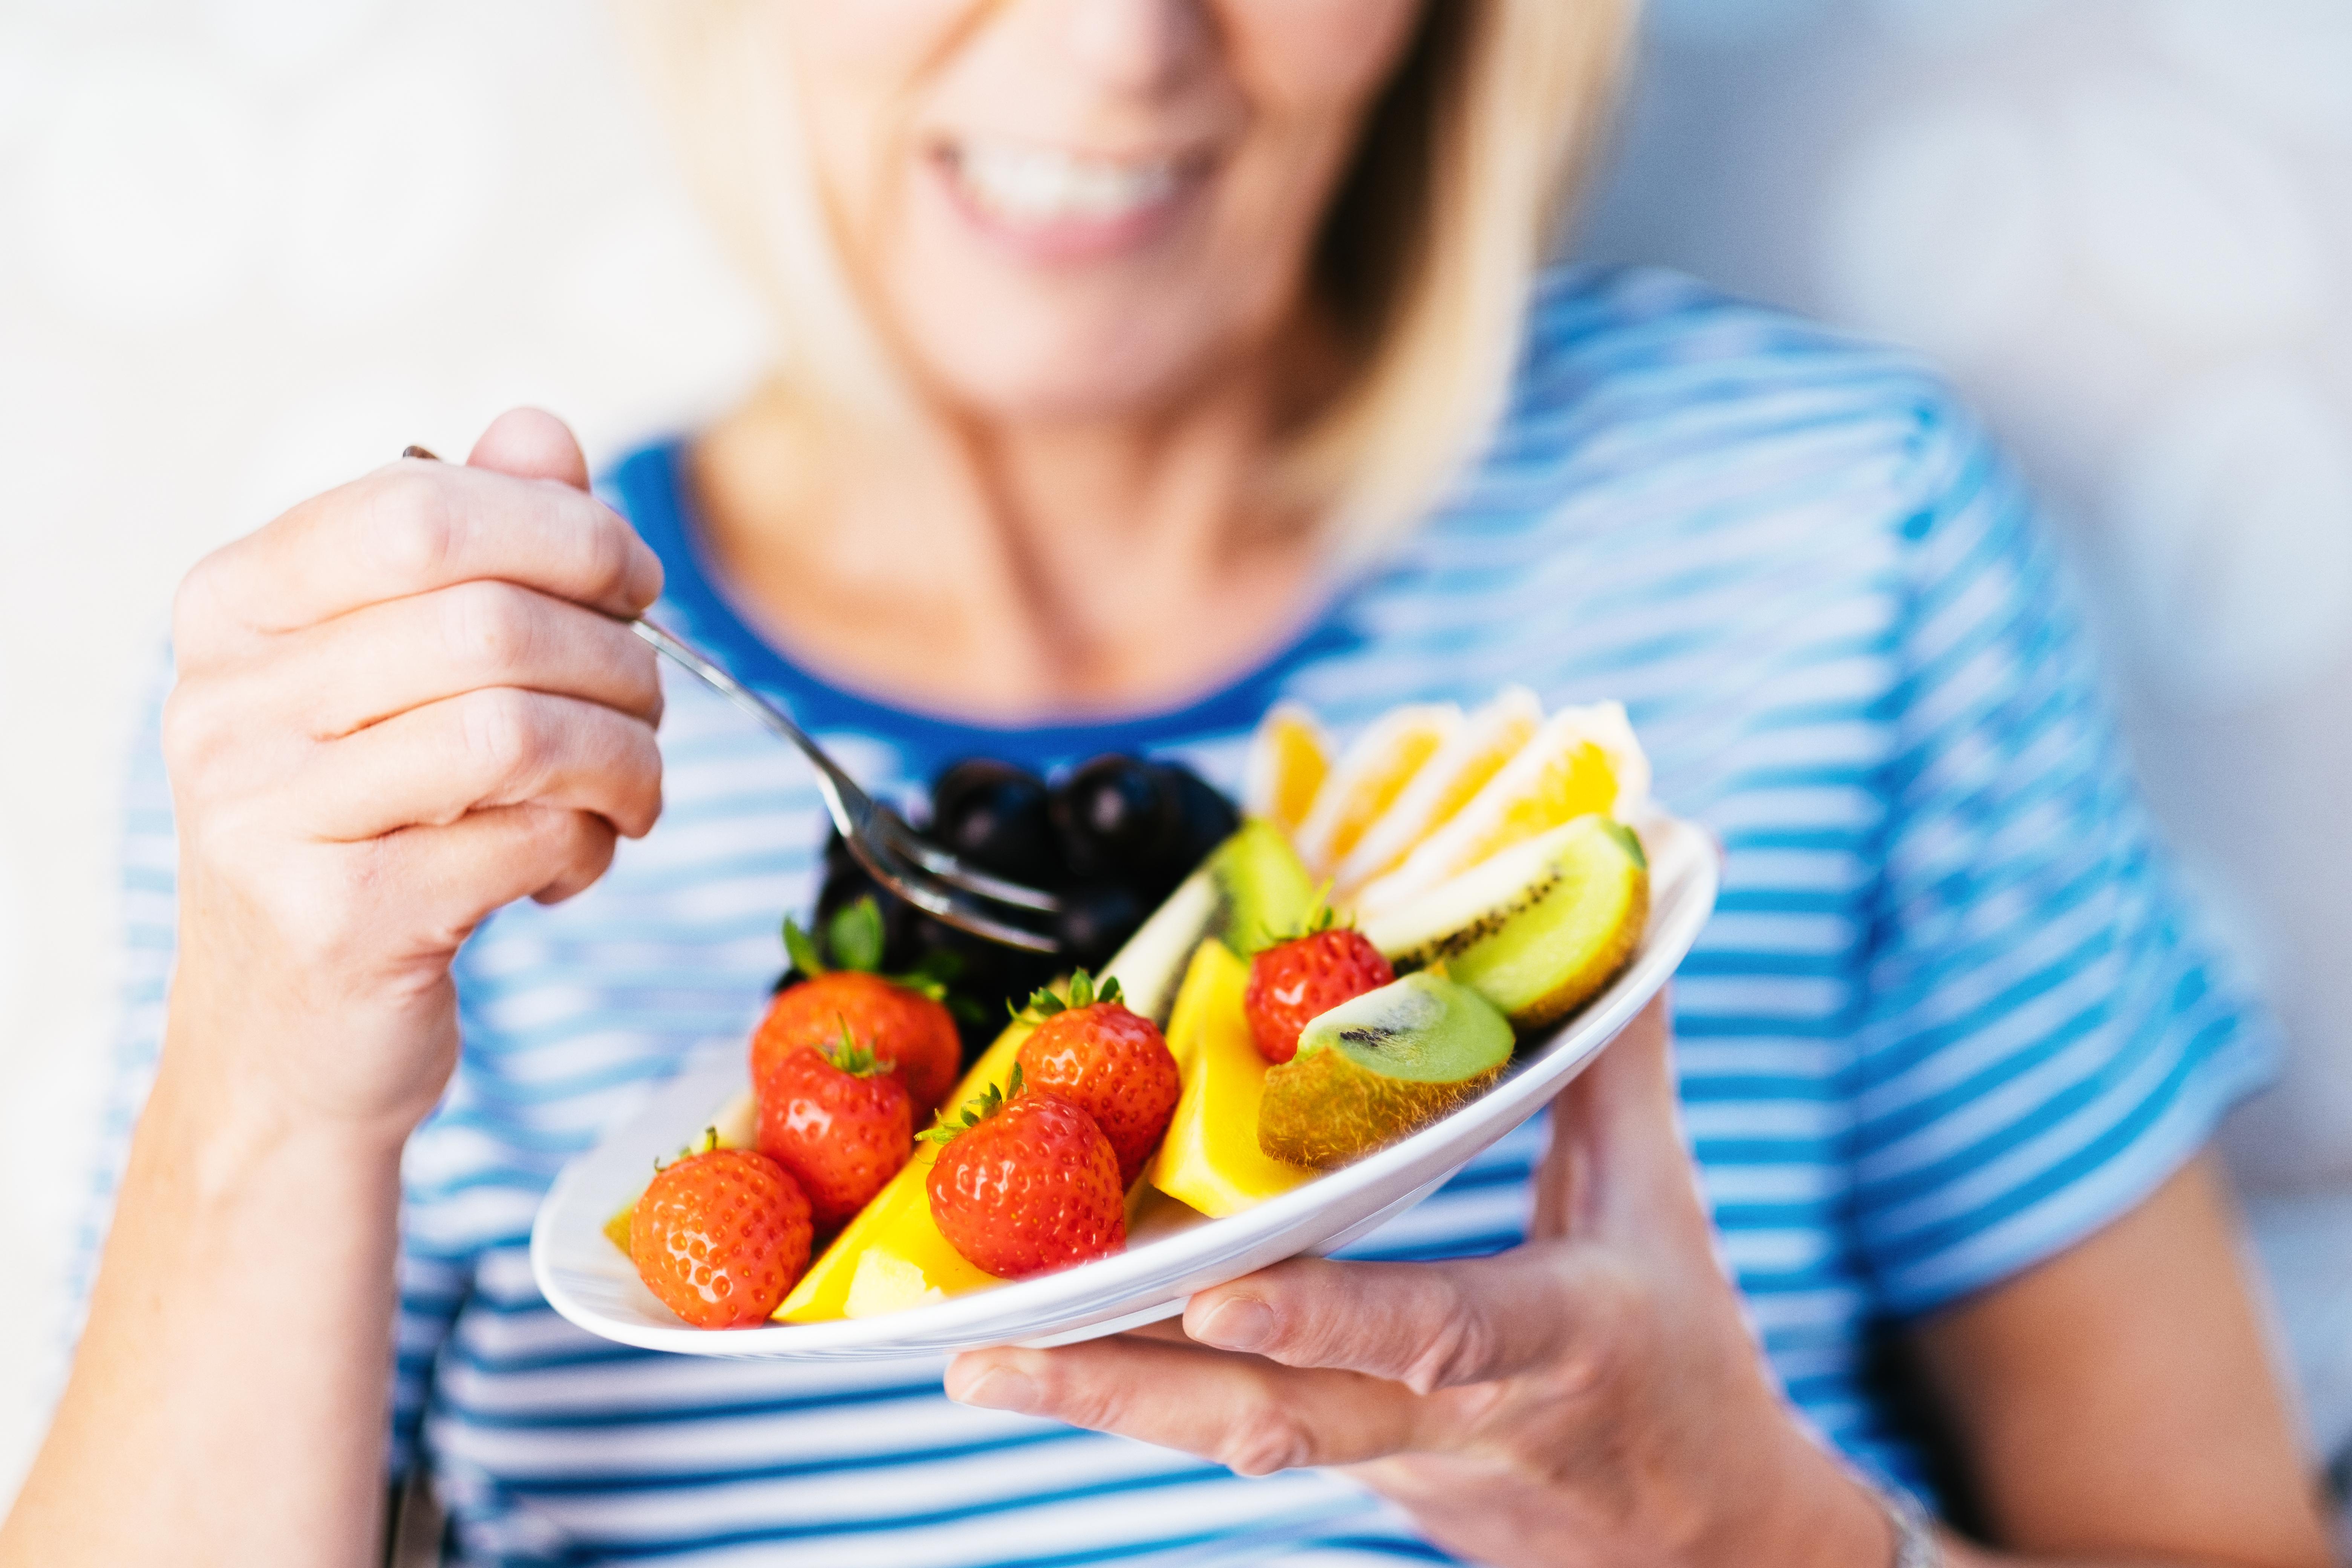 <p><strong>Плодове</strong><br /> Добре е да консумирате само един вид плод на хранене. Ако смесвате плодовете, естествените захари се освобождават от вътрешността на клетките и се превръщат в свободни захари.</p>